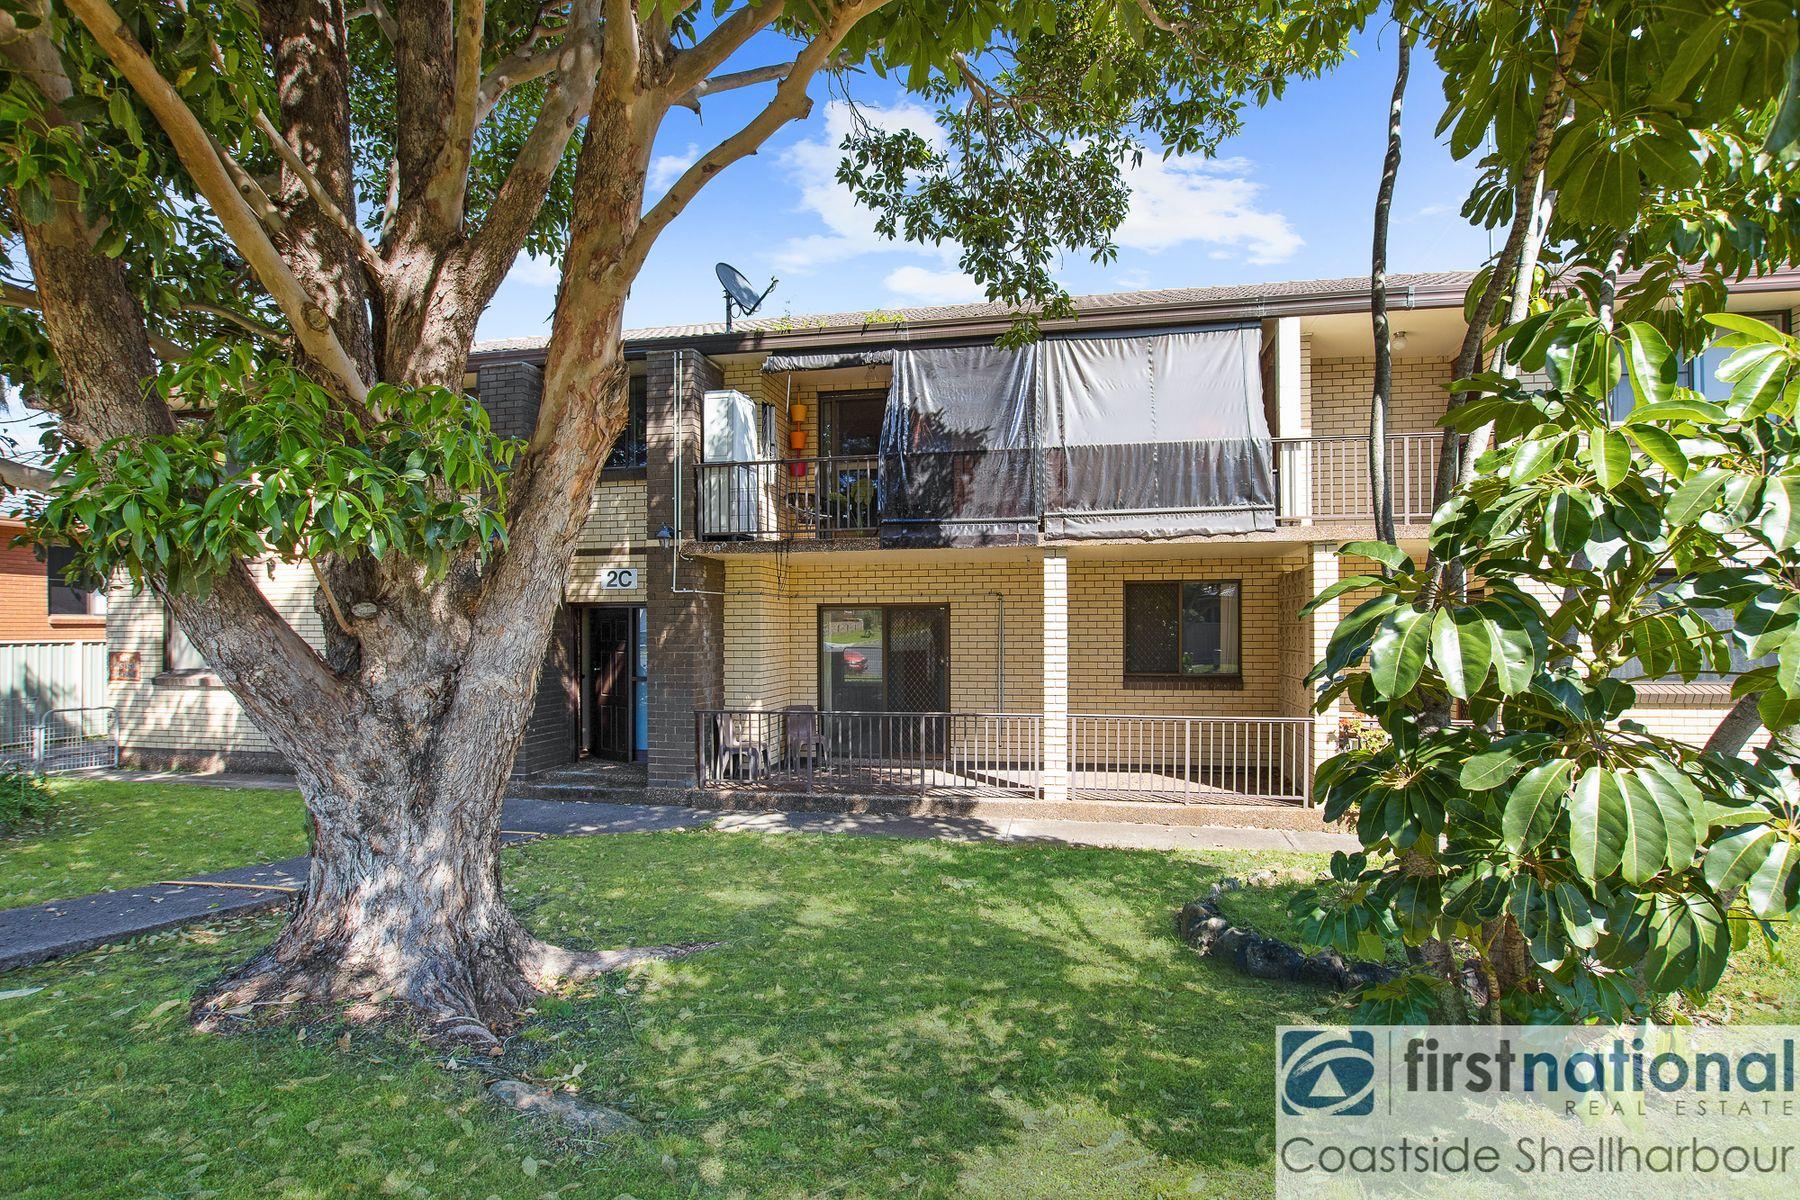 2/2C King Street, Lake Illawarra, NSW 2528